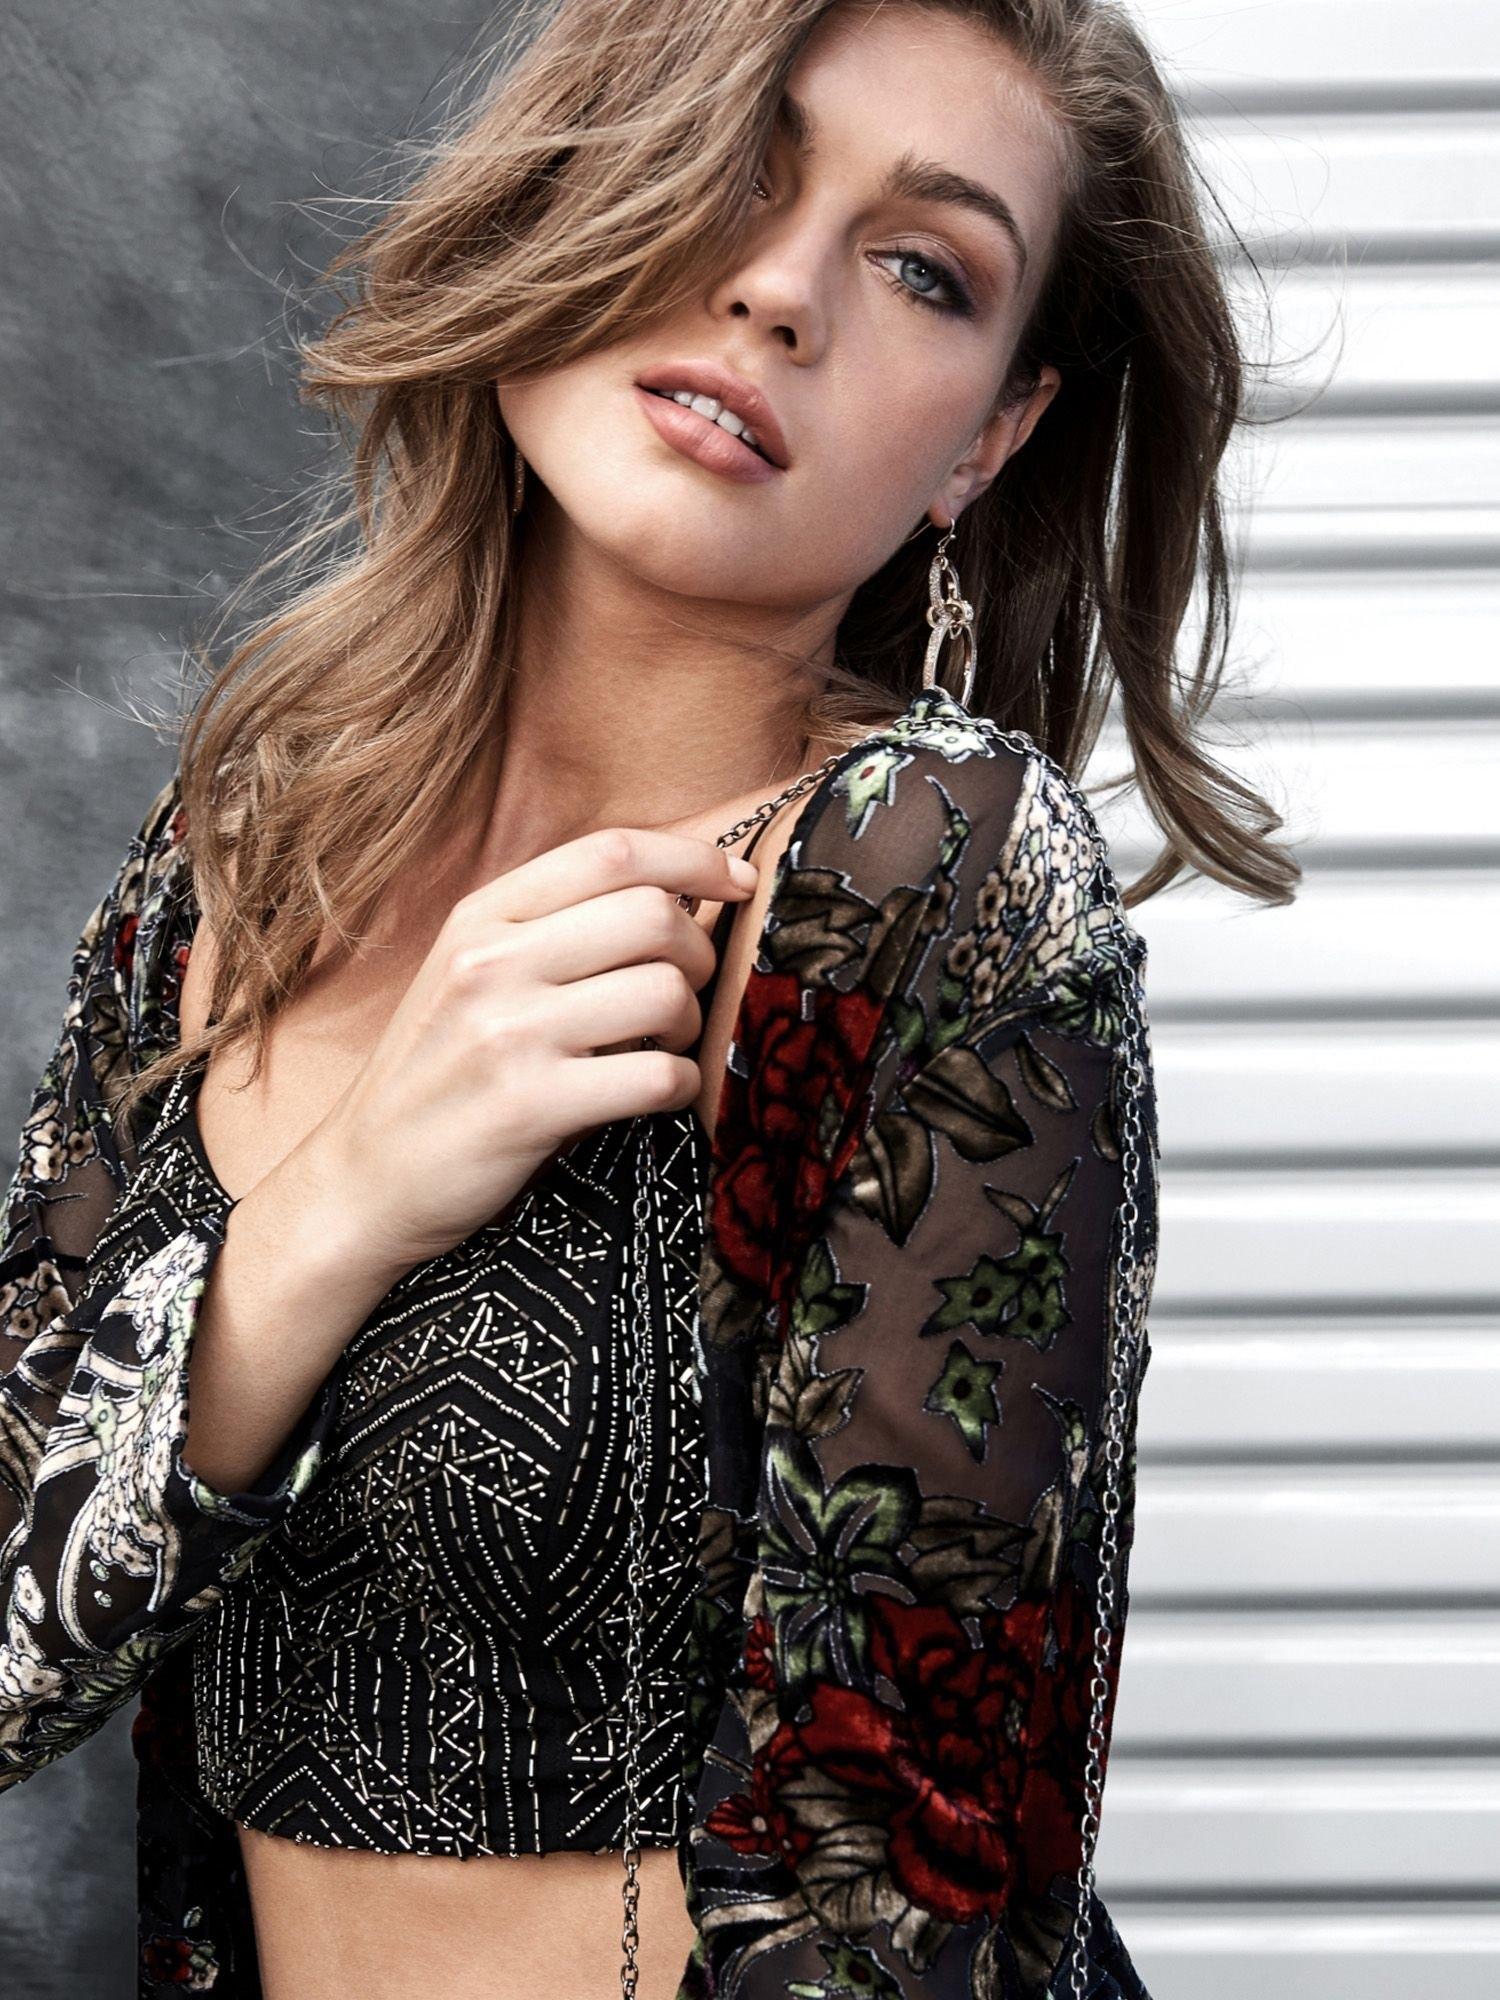 jurk Guess Online Maxi Bestellen 5AqS3cL4Rj